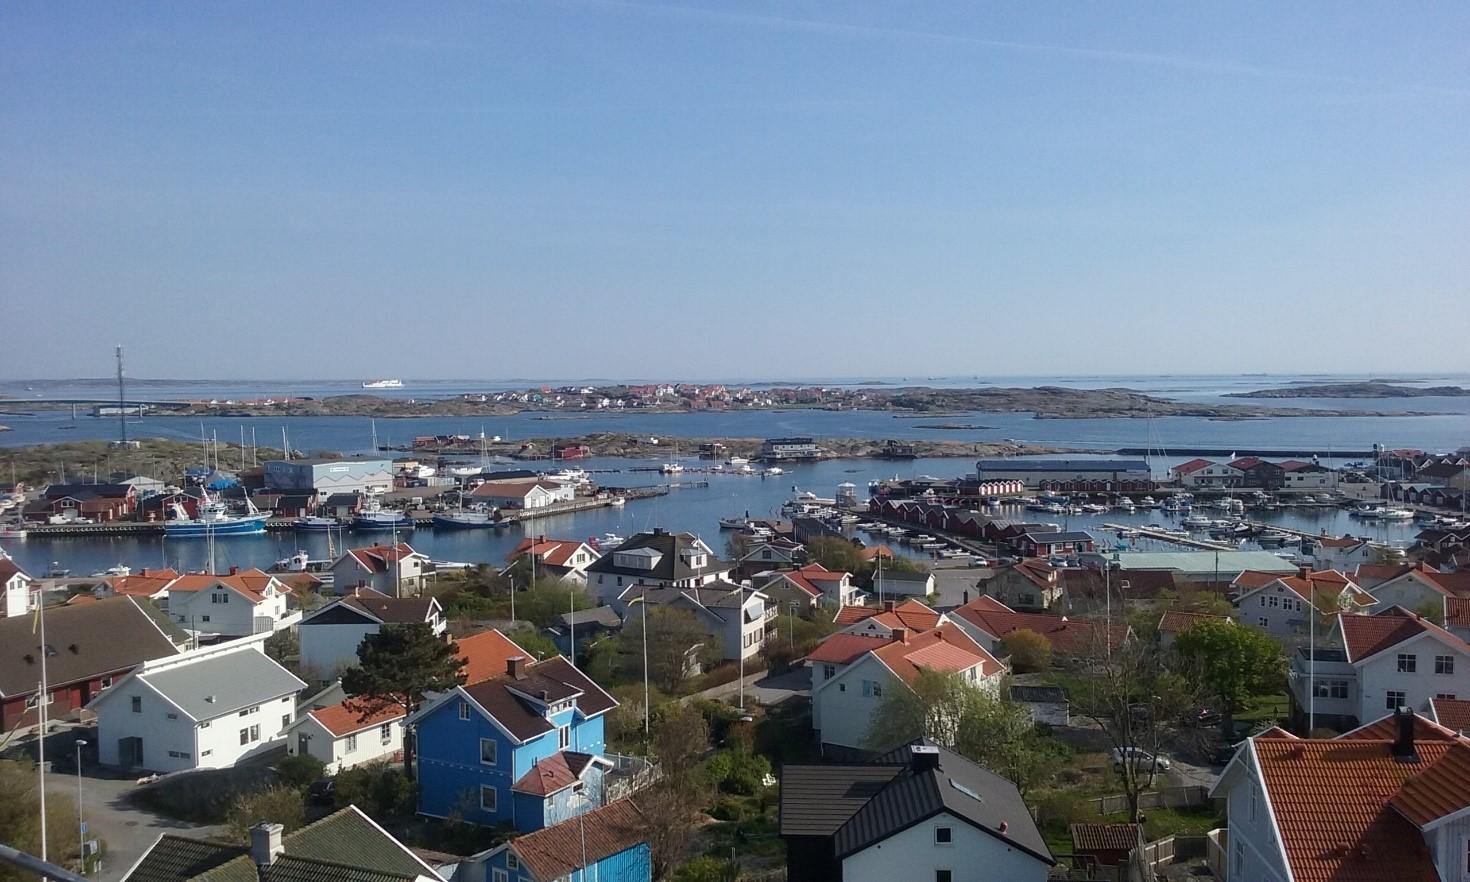 Göteborgin saaristo